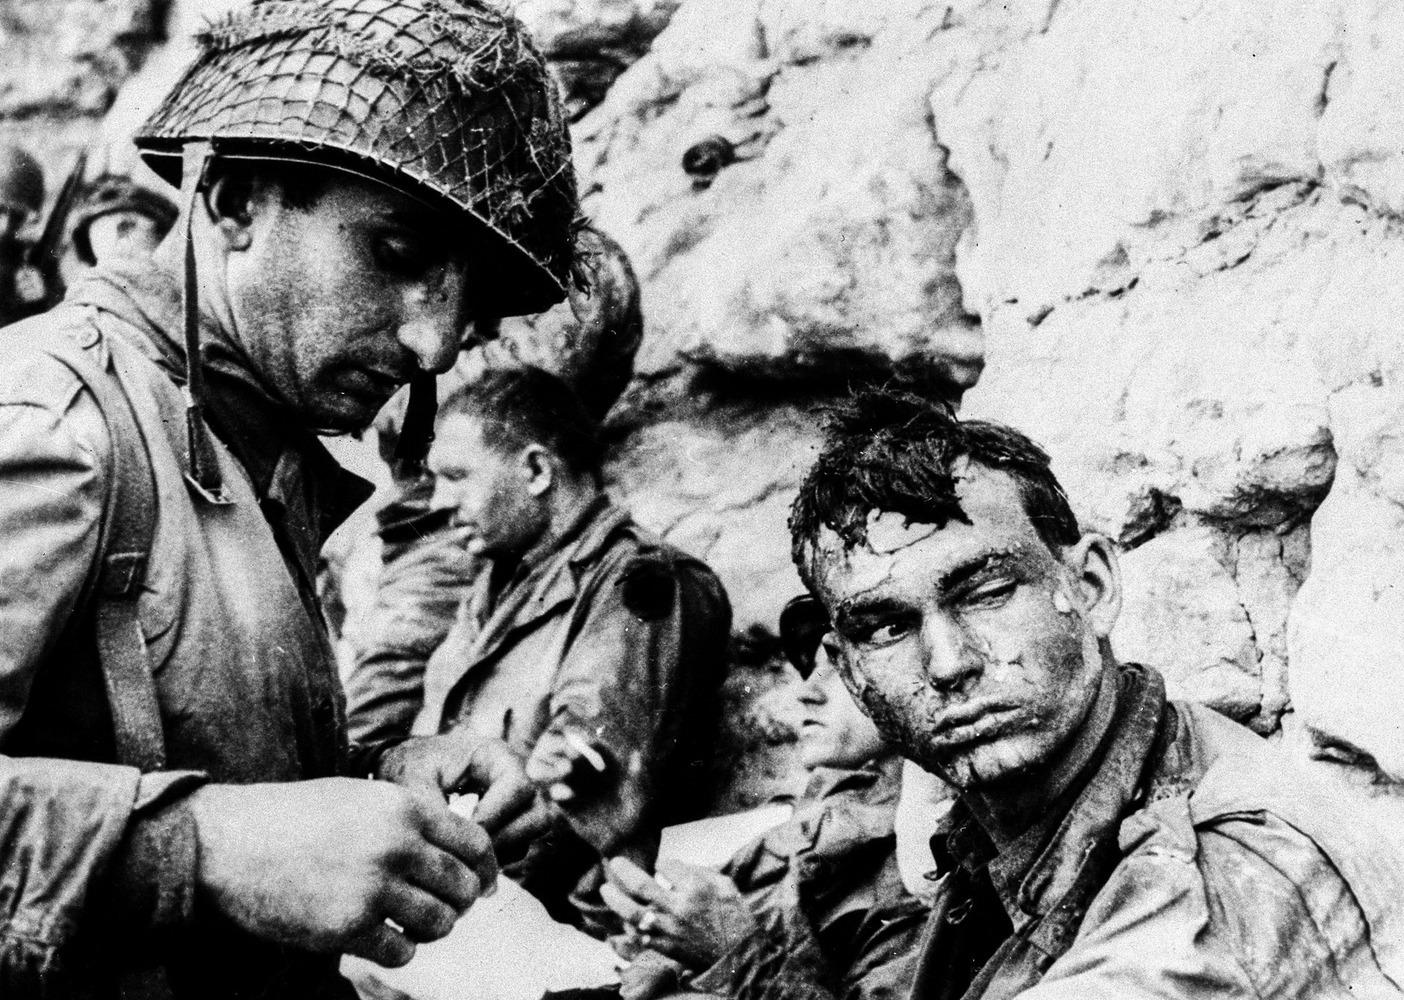 Պատերազմն այս զինվորների աչքերում է (ֆոտոշարք)